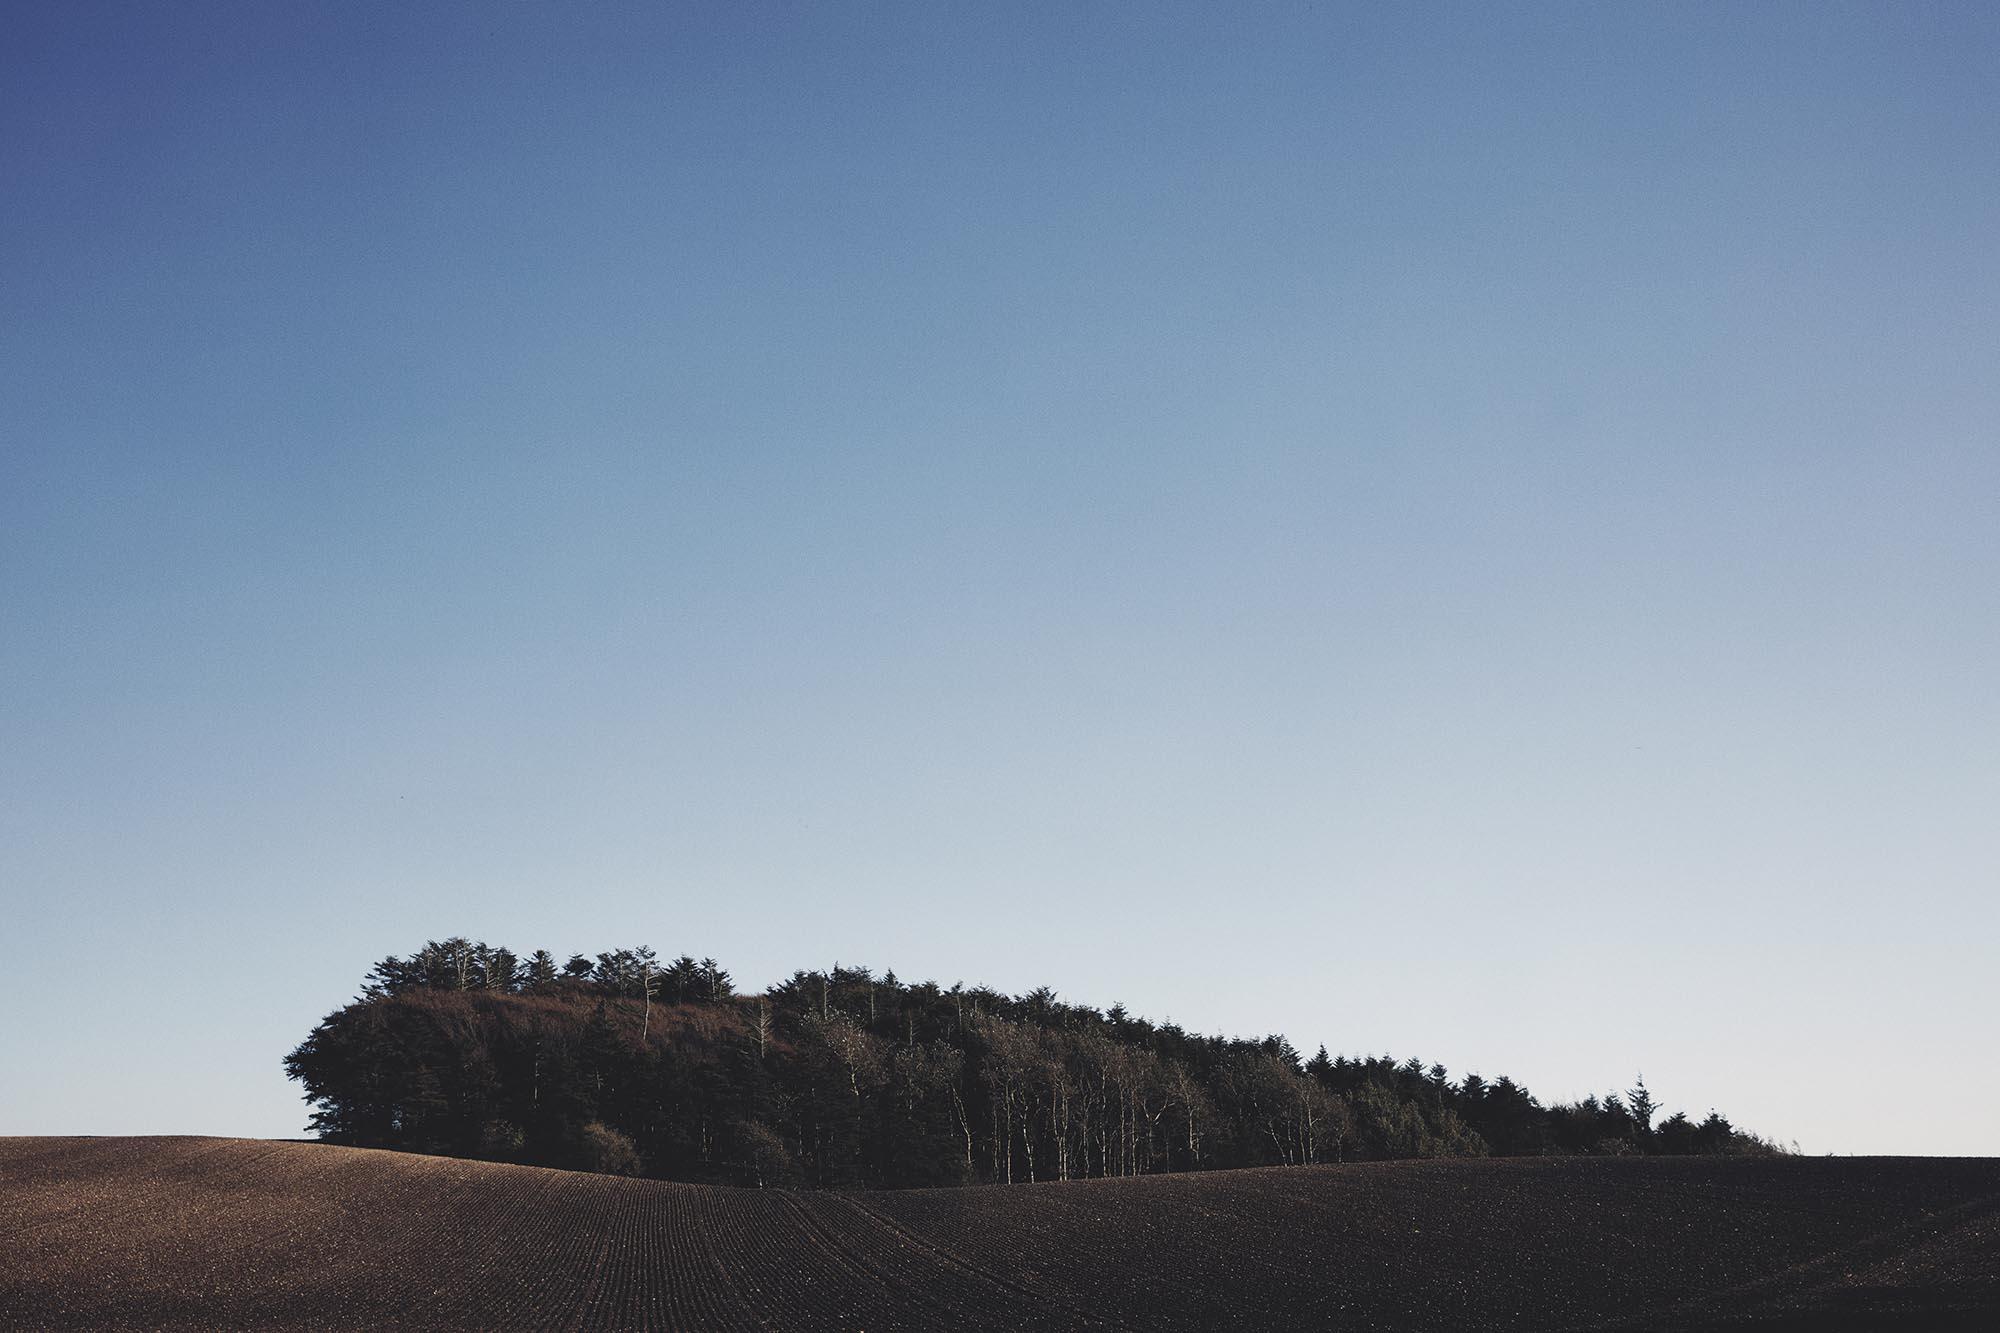 andreas-houmann-natur-03.jpg